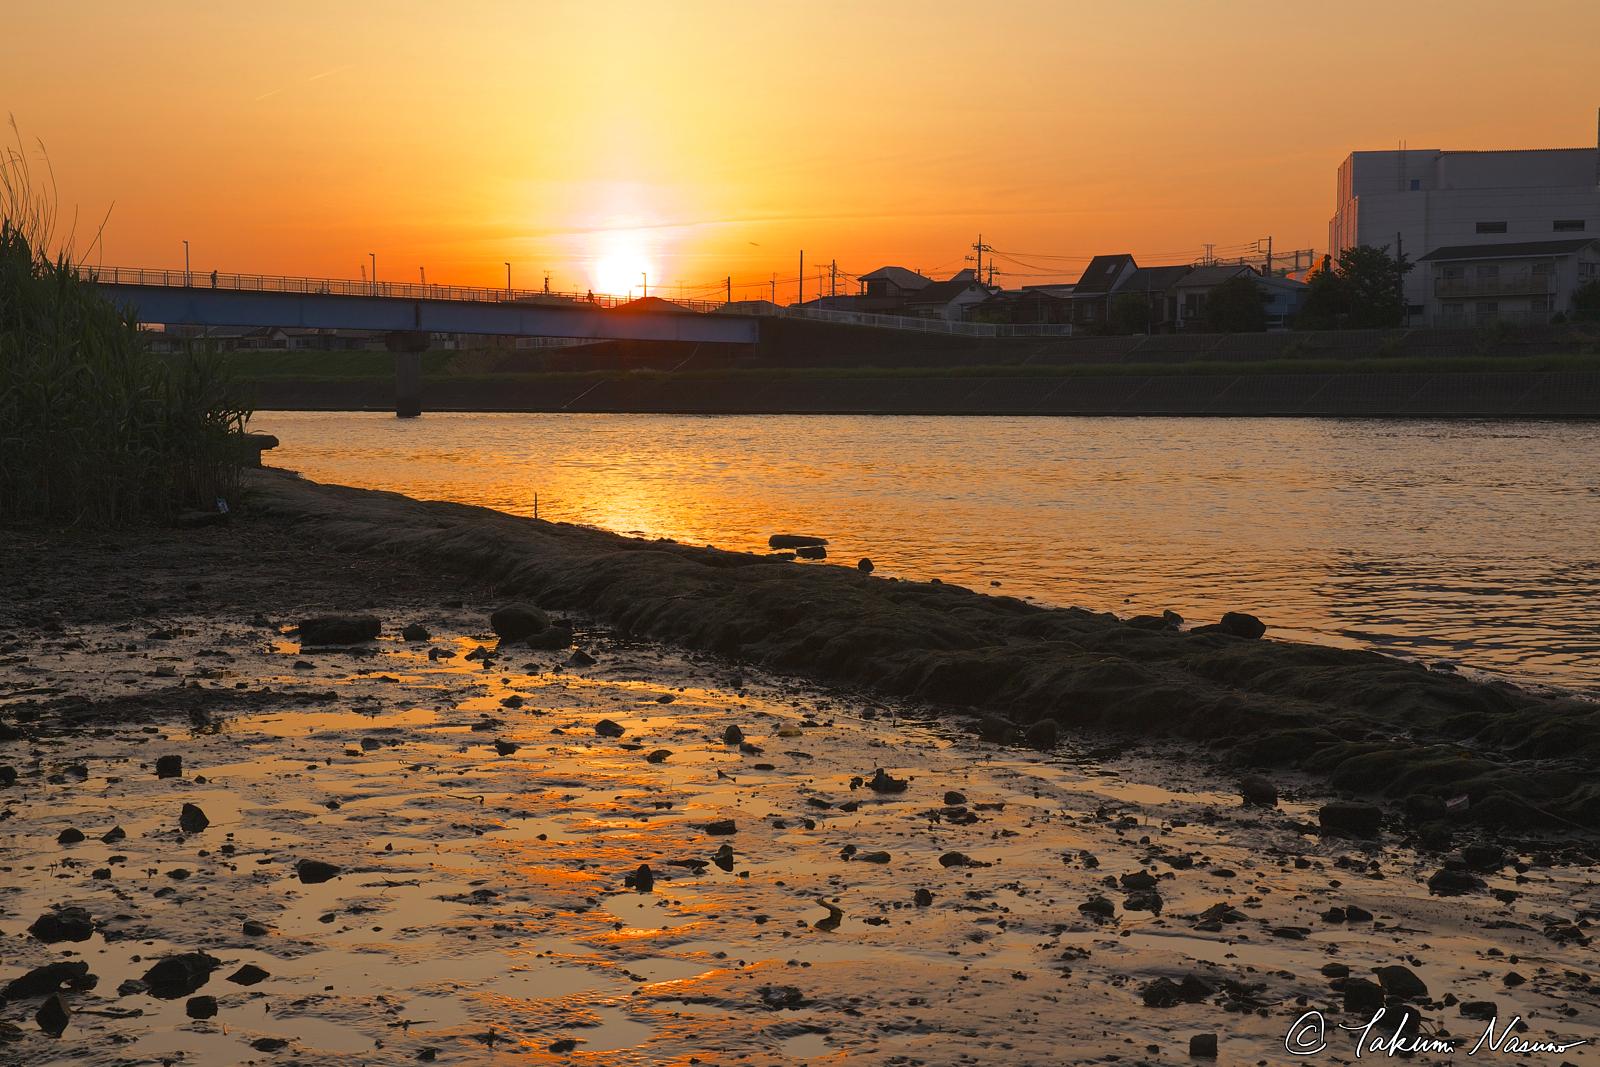 Tsurumi_Tsurumi-River_w11